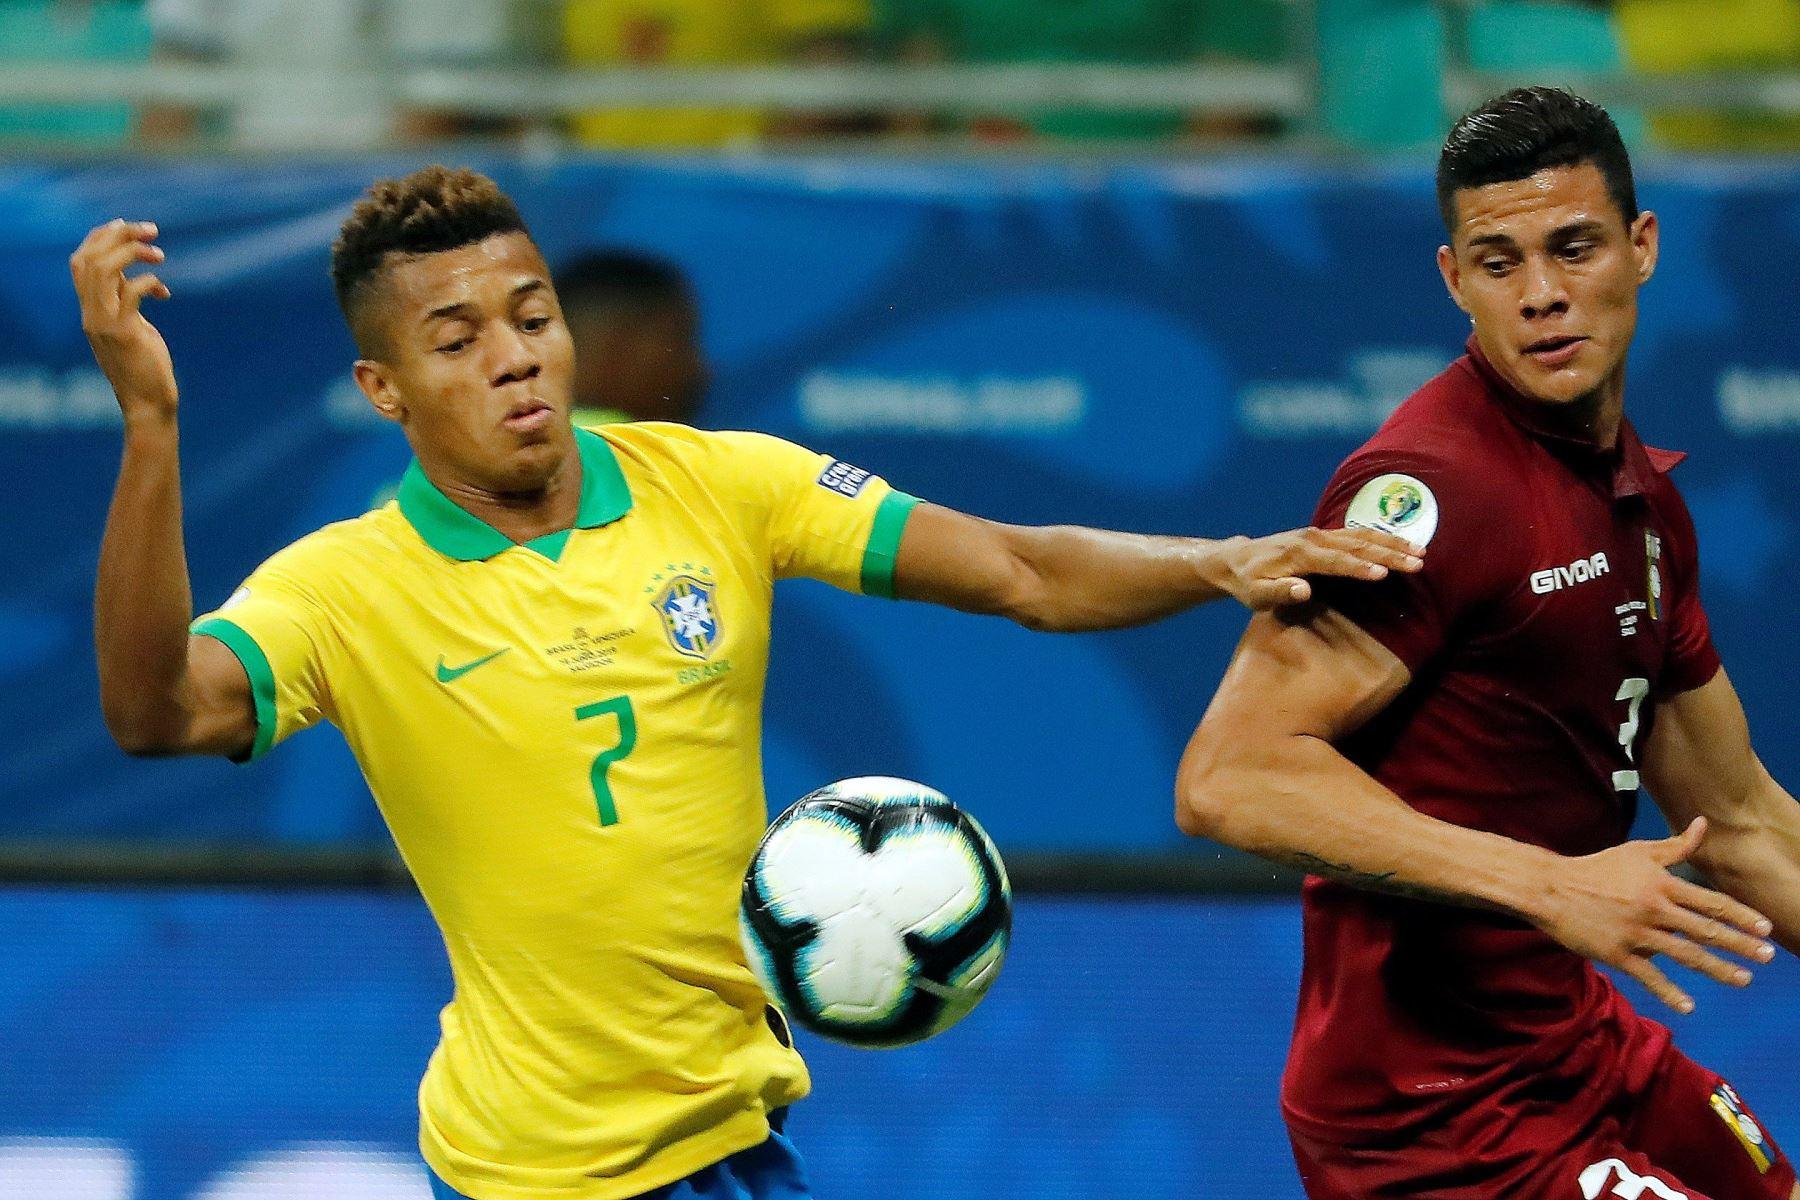 El jugador de Brasil David Neres (i) disputa el balón con Yordan Osorio de Venezuela, durante el partido Brasil-Venezuela del Grupo A de la Copa América de Fútbol 2019. Foto: AFP